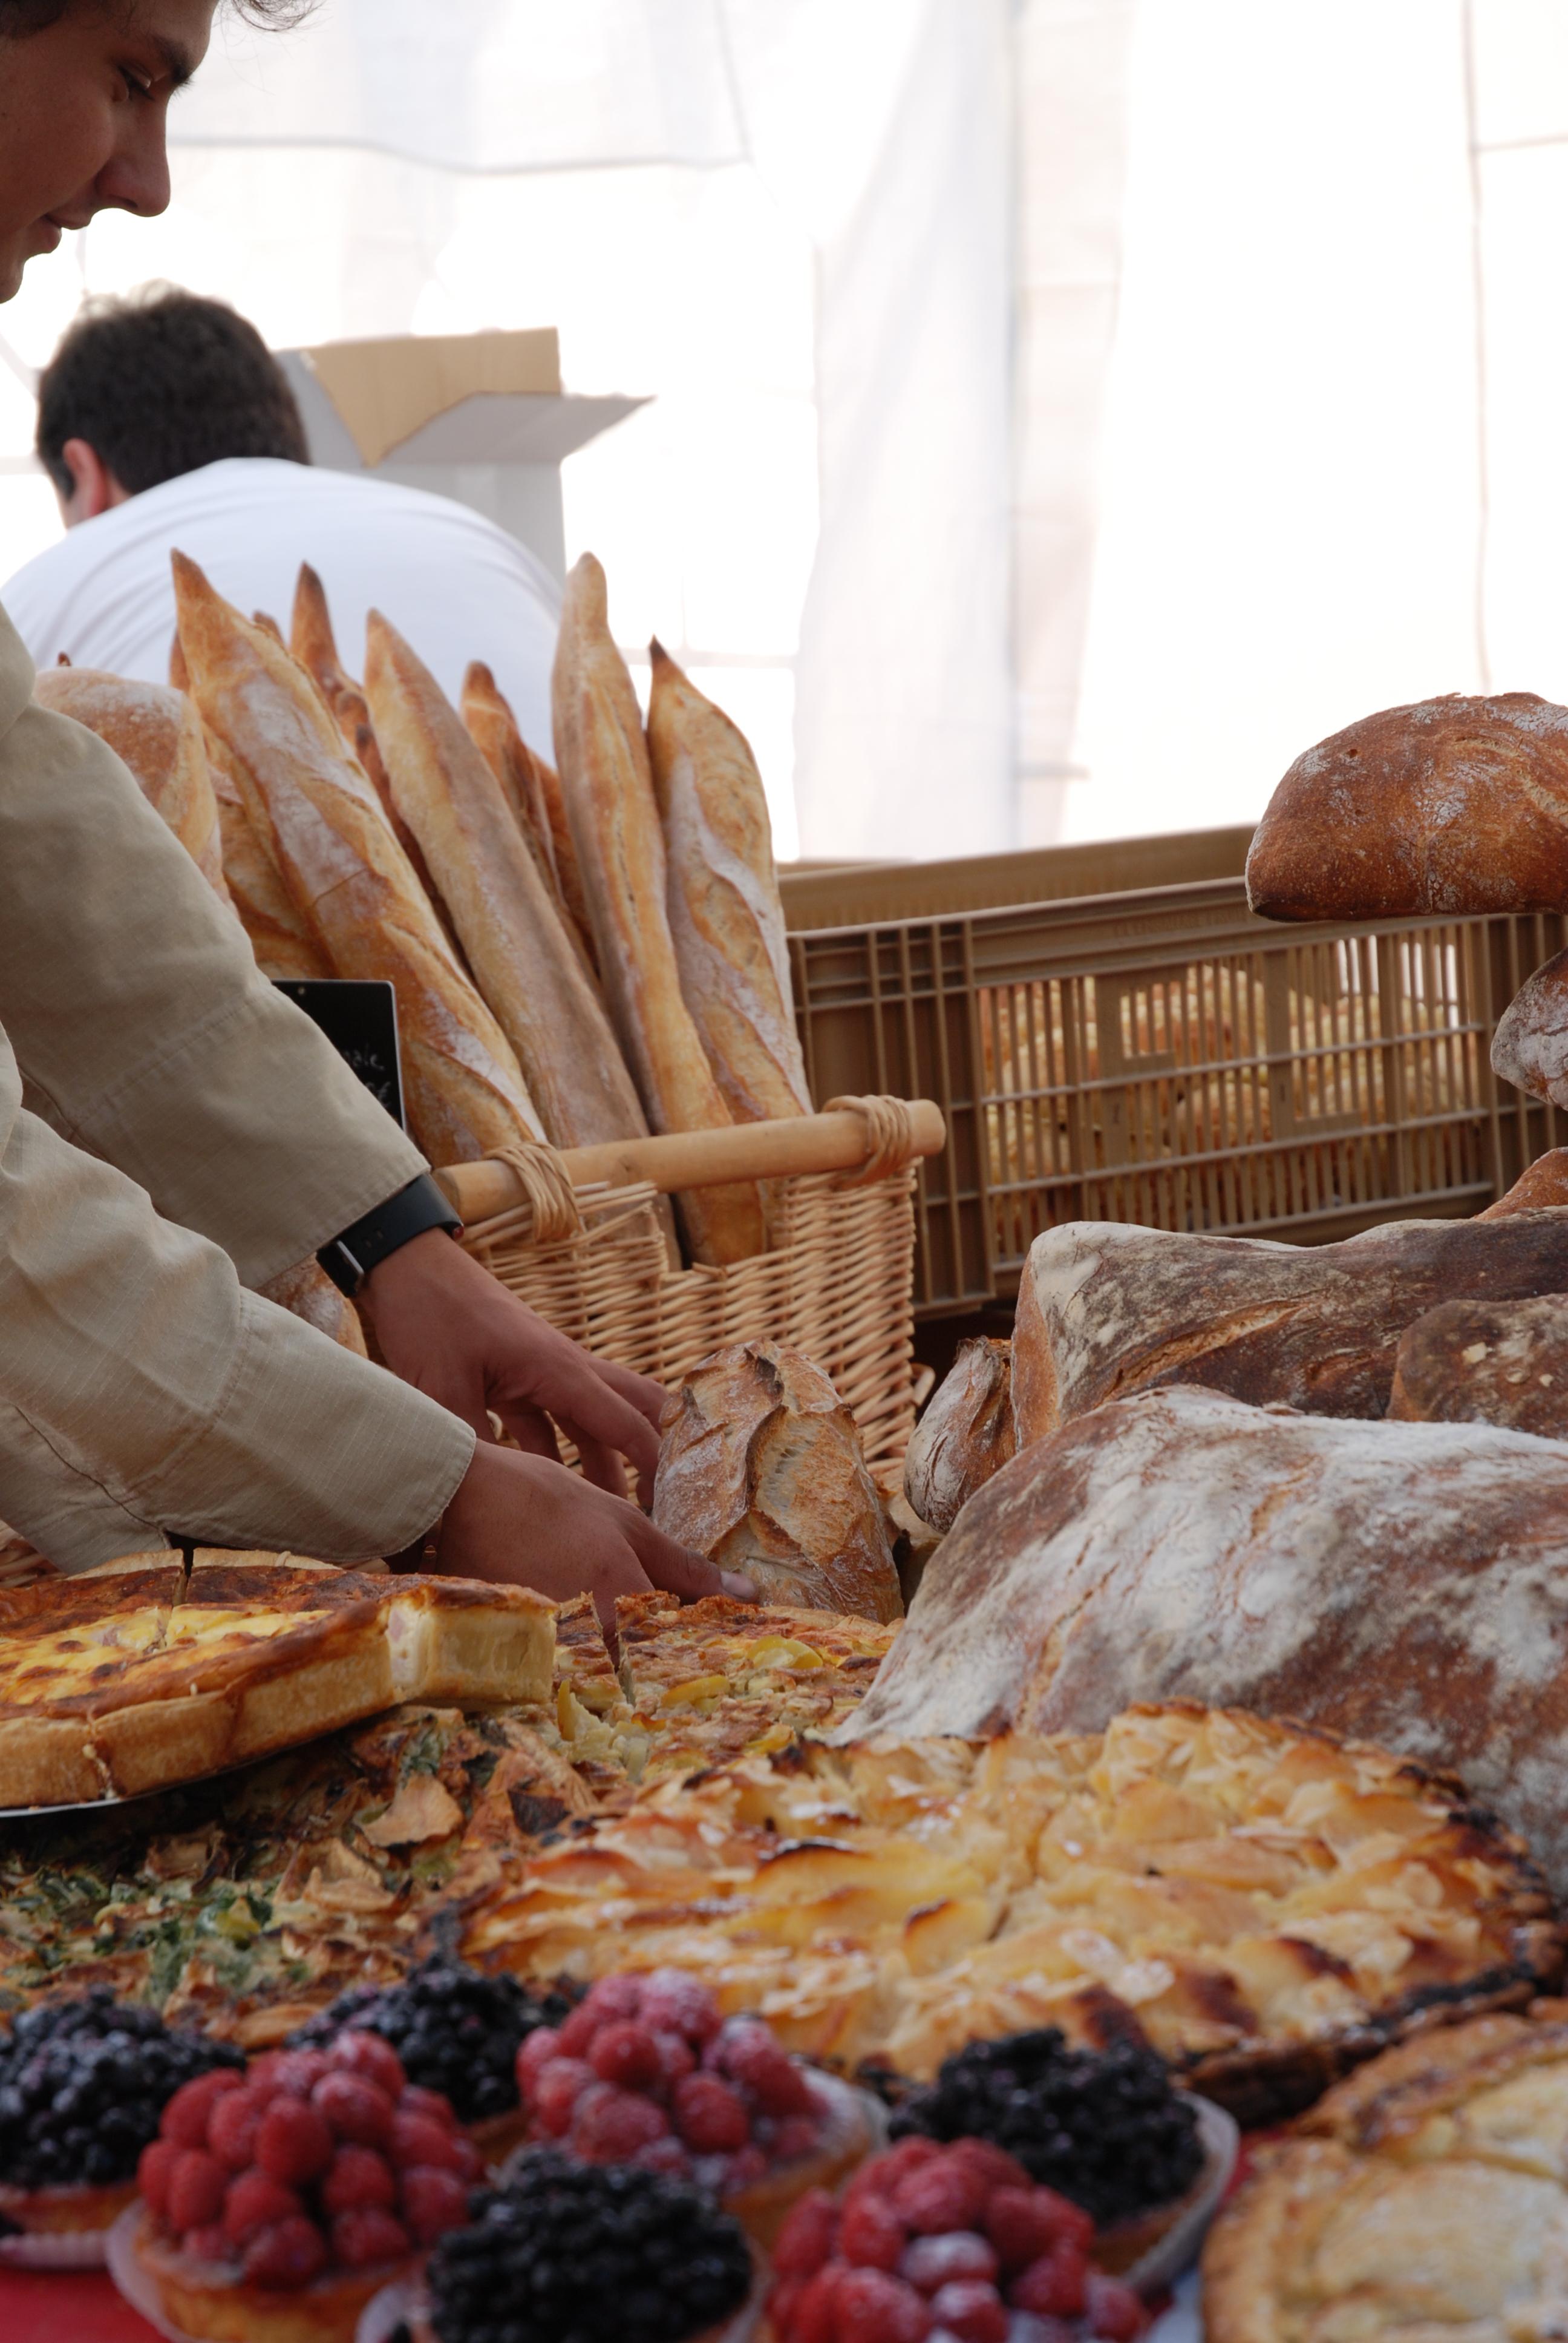 Fête artisanale de la Pass' Pitchü à la Thuile d'Aoste (Italie)